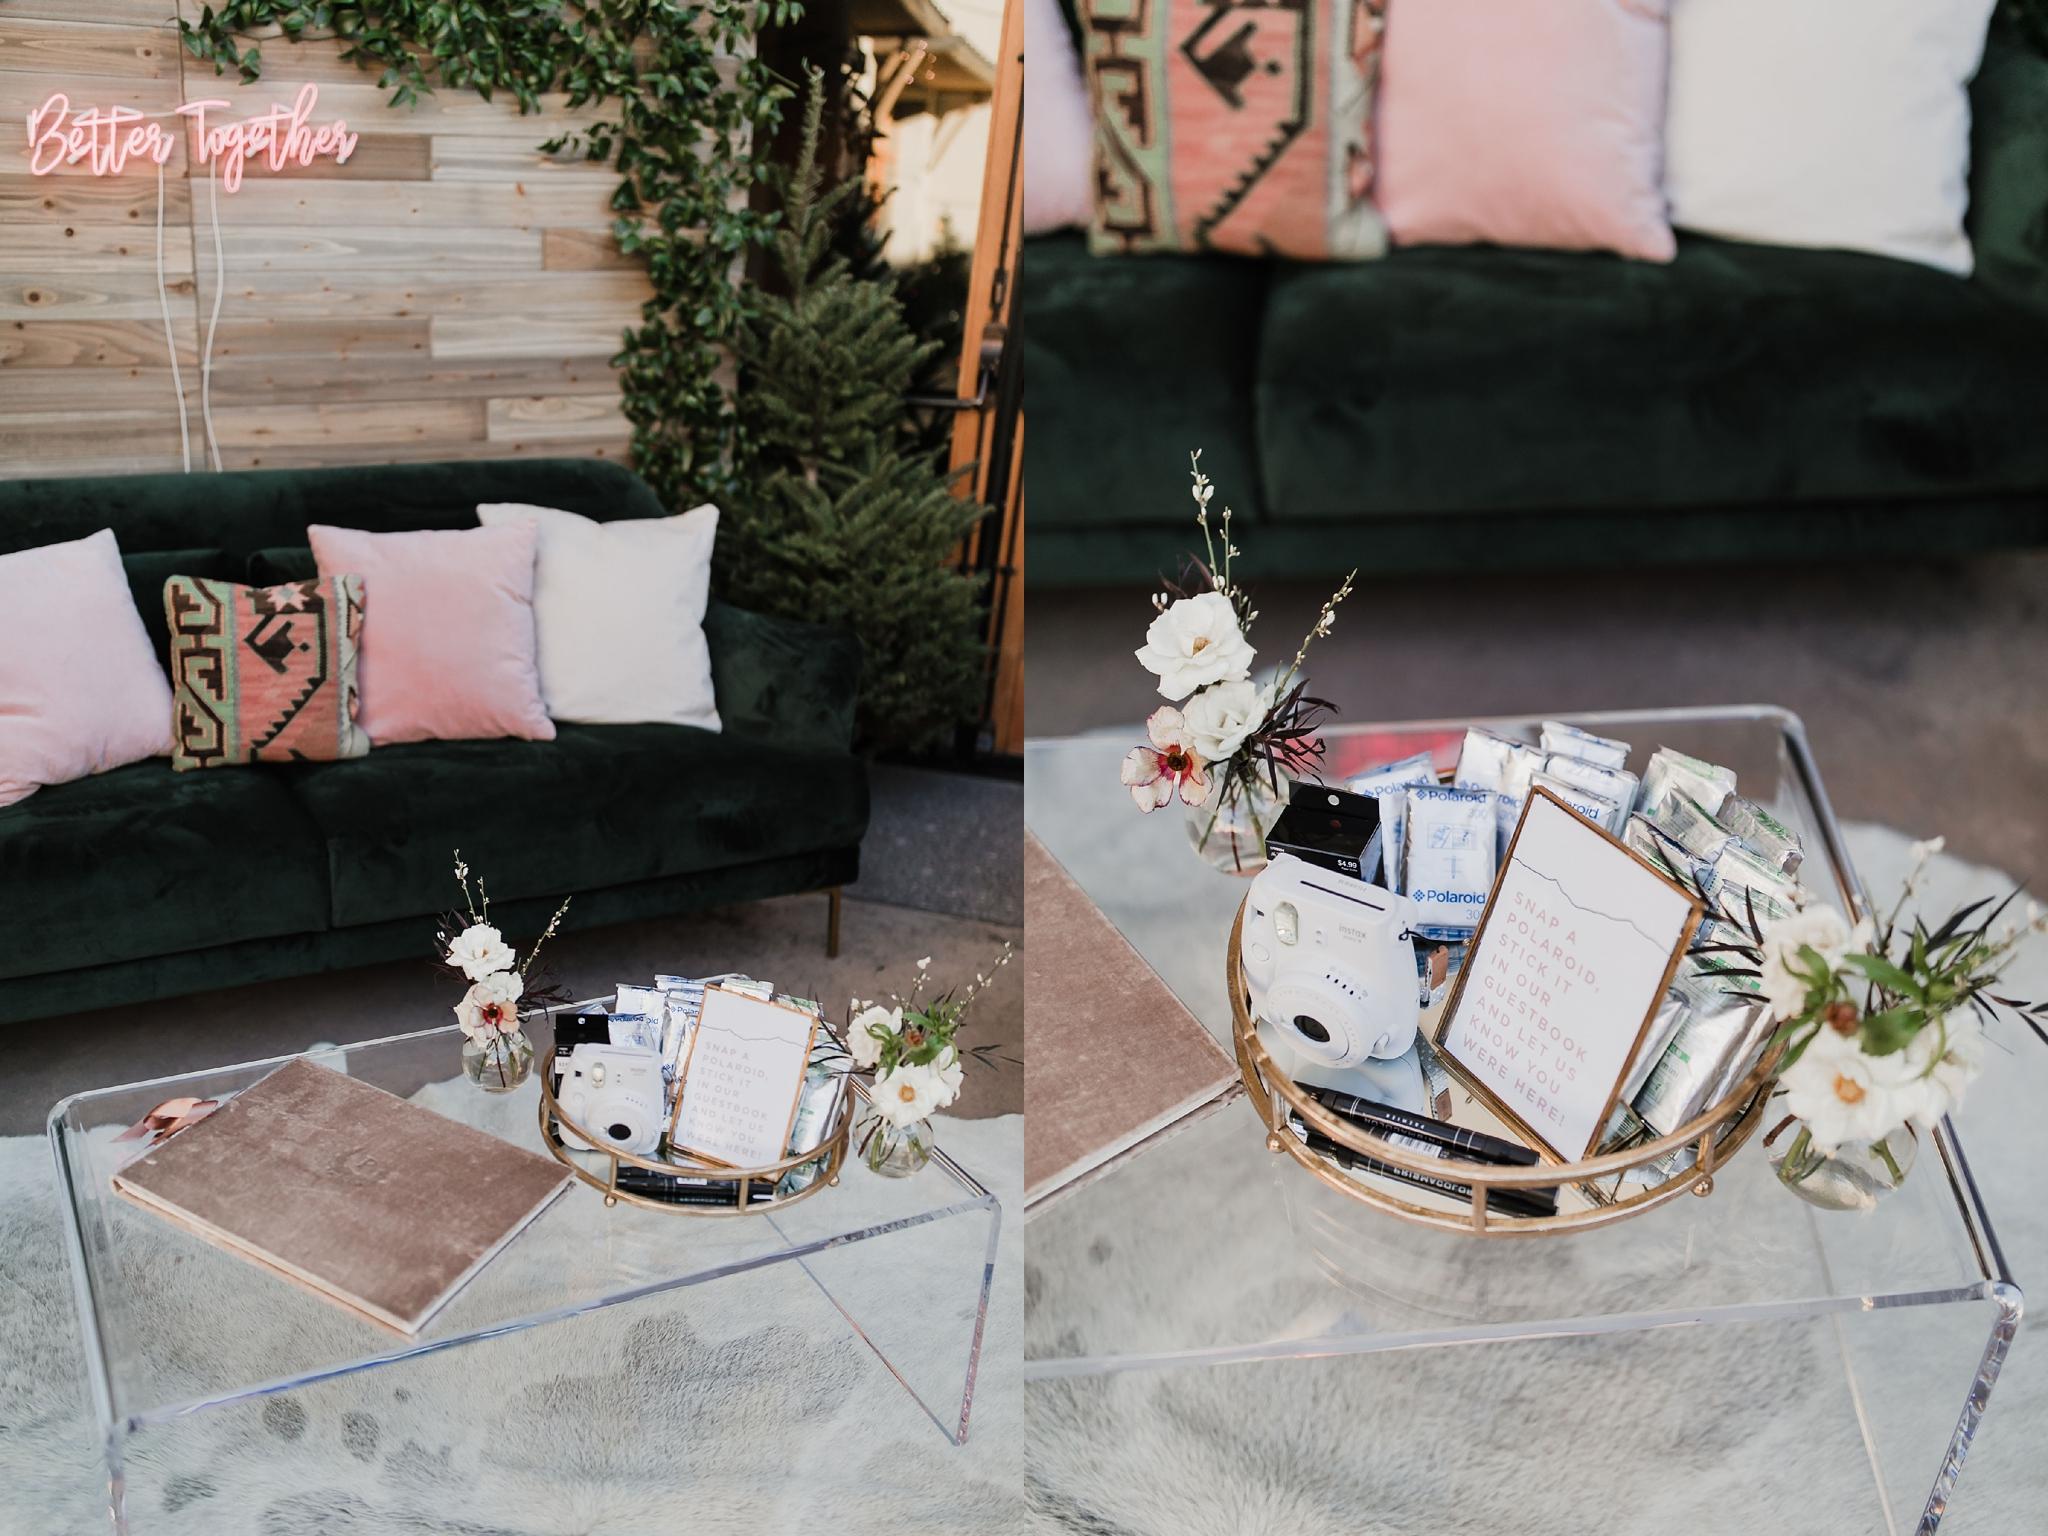 Alicia+lucia+photography+-+albuquerque+wedding+photographer+-+santa+fe+wedding+photography+-+new+mexico+wedding+photographer+-+new+mexico+wedding+-+santa+fe+wedding+-+four+seasons+wedding+-+winter+wedding_0132.jpg